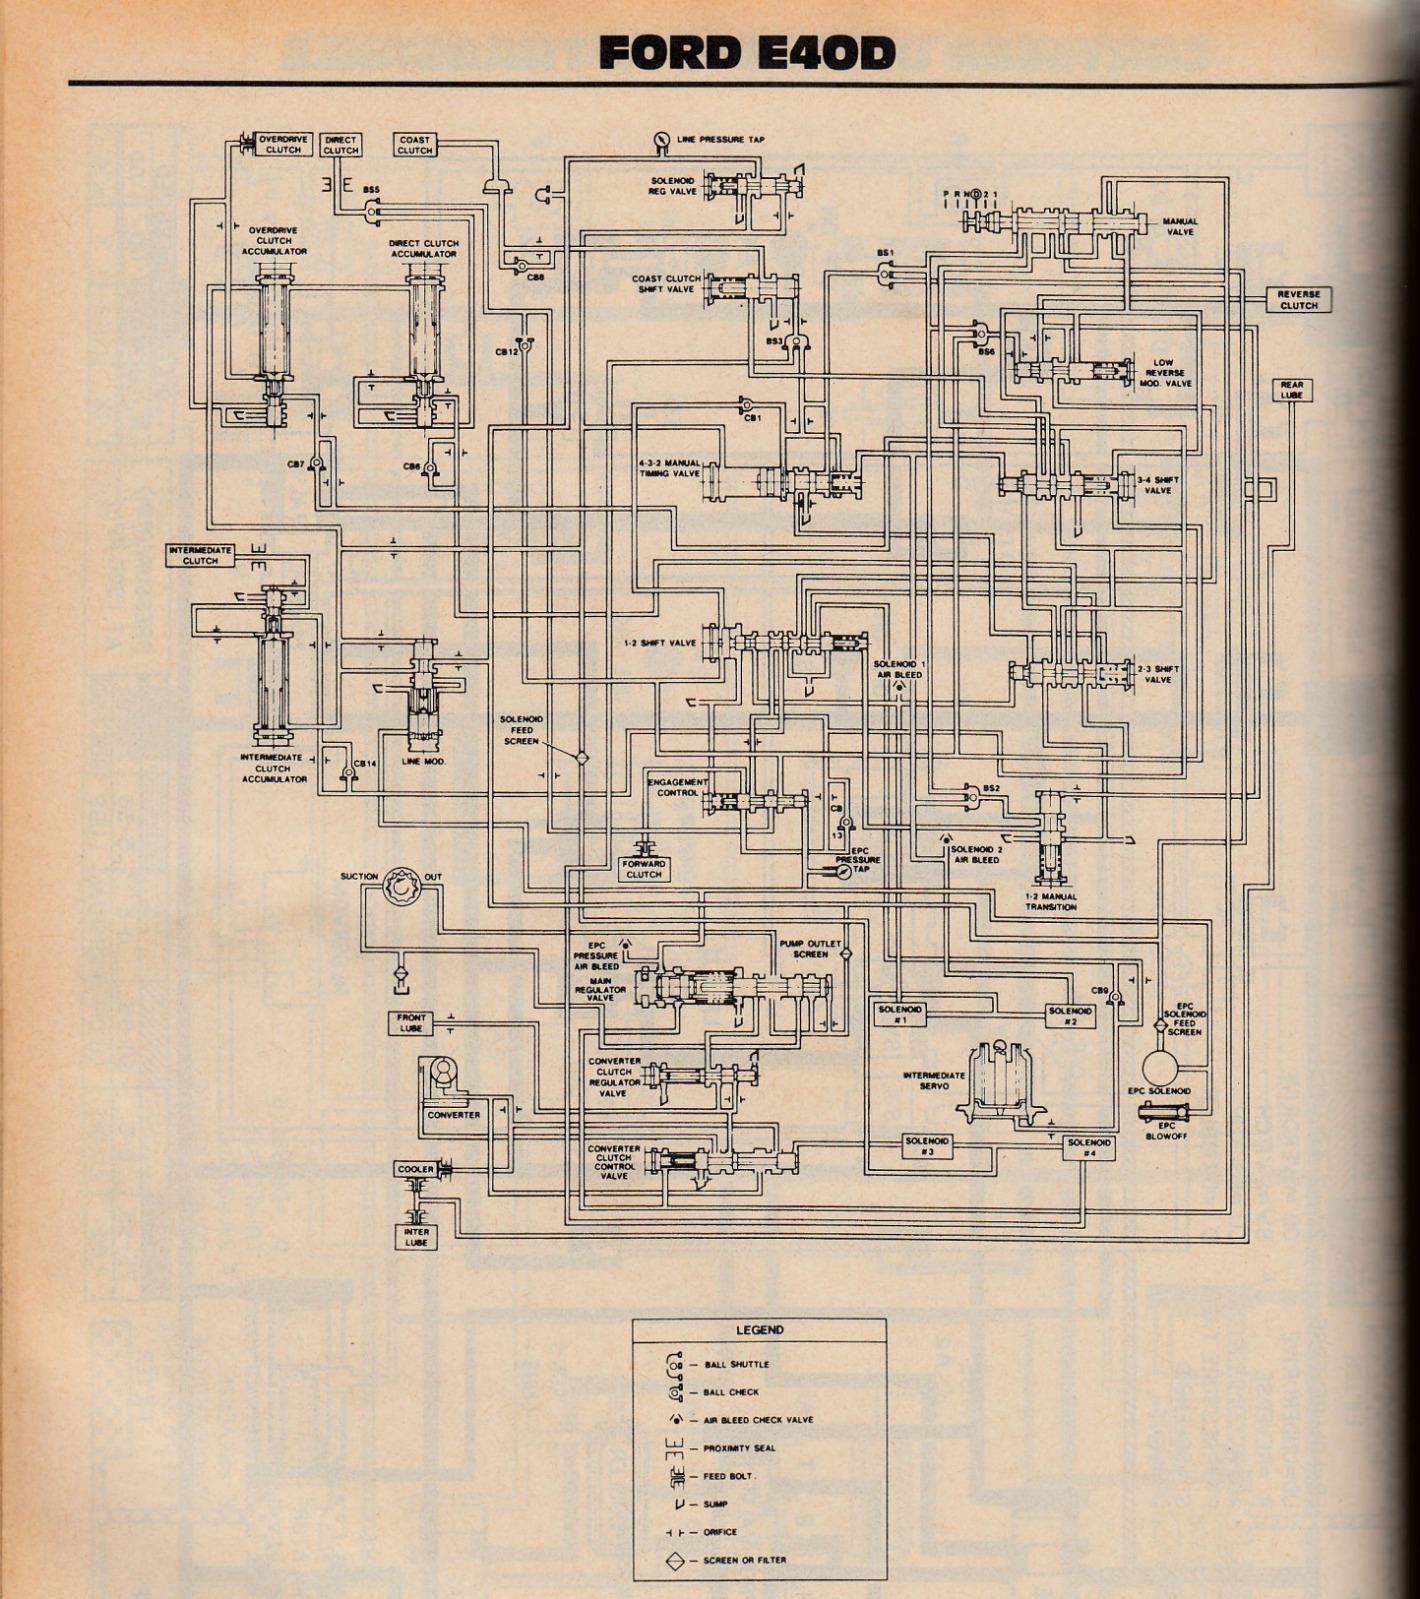 4r70w Hydraulic Diagrams - Data Wiring Diagram on transmission wiring diagram, turbo 400 wiring diagram, 4r55e wiring diagram, overdrive wiring diagram, a604 wiring diagram, 46re wiring diagram, 5r55e wiring diagram, 4l80e wiring diagram, chevy wiring diagram, 4r100 wiring diagram, 4l60 wiring diagram, 5r110 wiring diagram, th400 wiring diagram, ford f-150 wiring harness diagram, mustang wiring diagram, aod wiring diagram, dodge wiring diagram, t56 wiring diagram, solenoid wiring diagram, 700r4 wiring diagram,